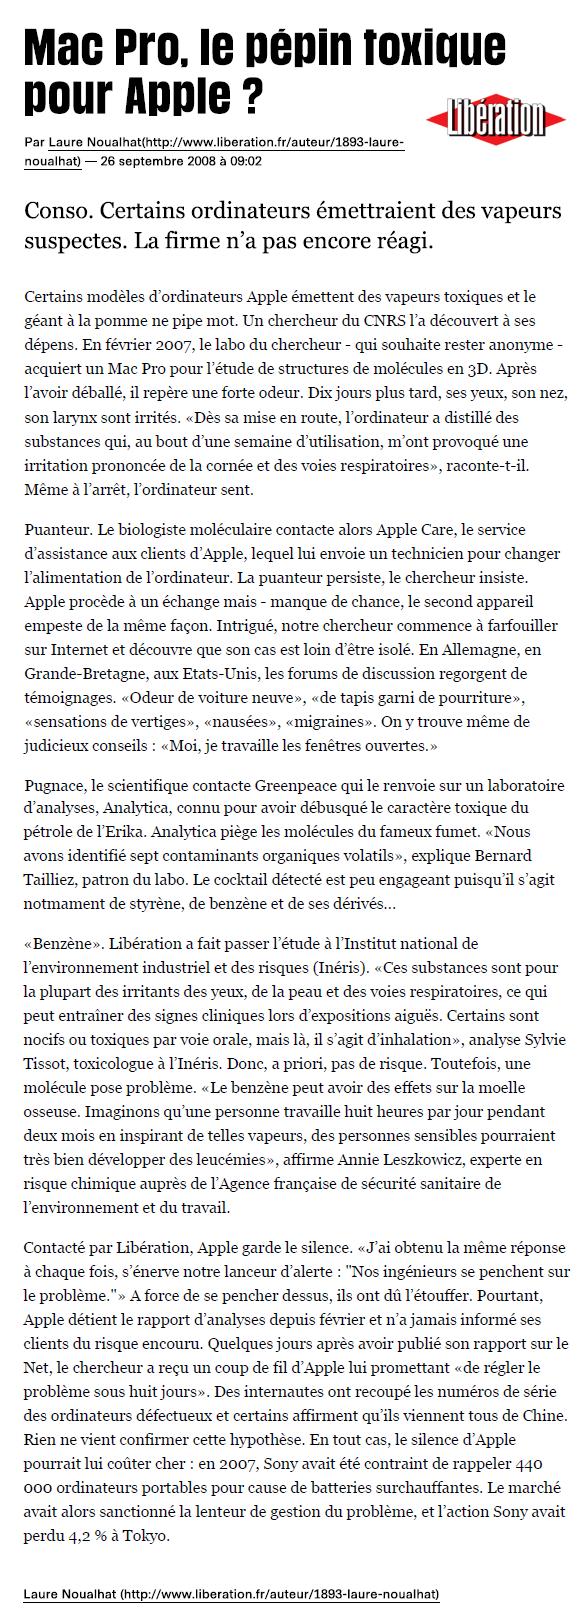 """26.09.2008 > LIBERATION : """"MacBook Pro : Le pépin toxique pour Apple?"""""""